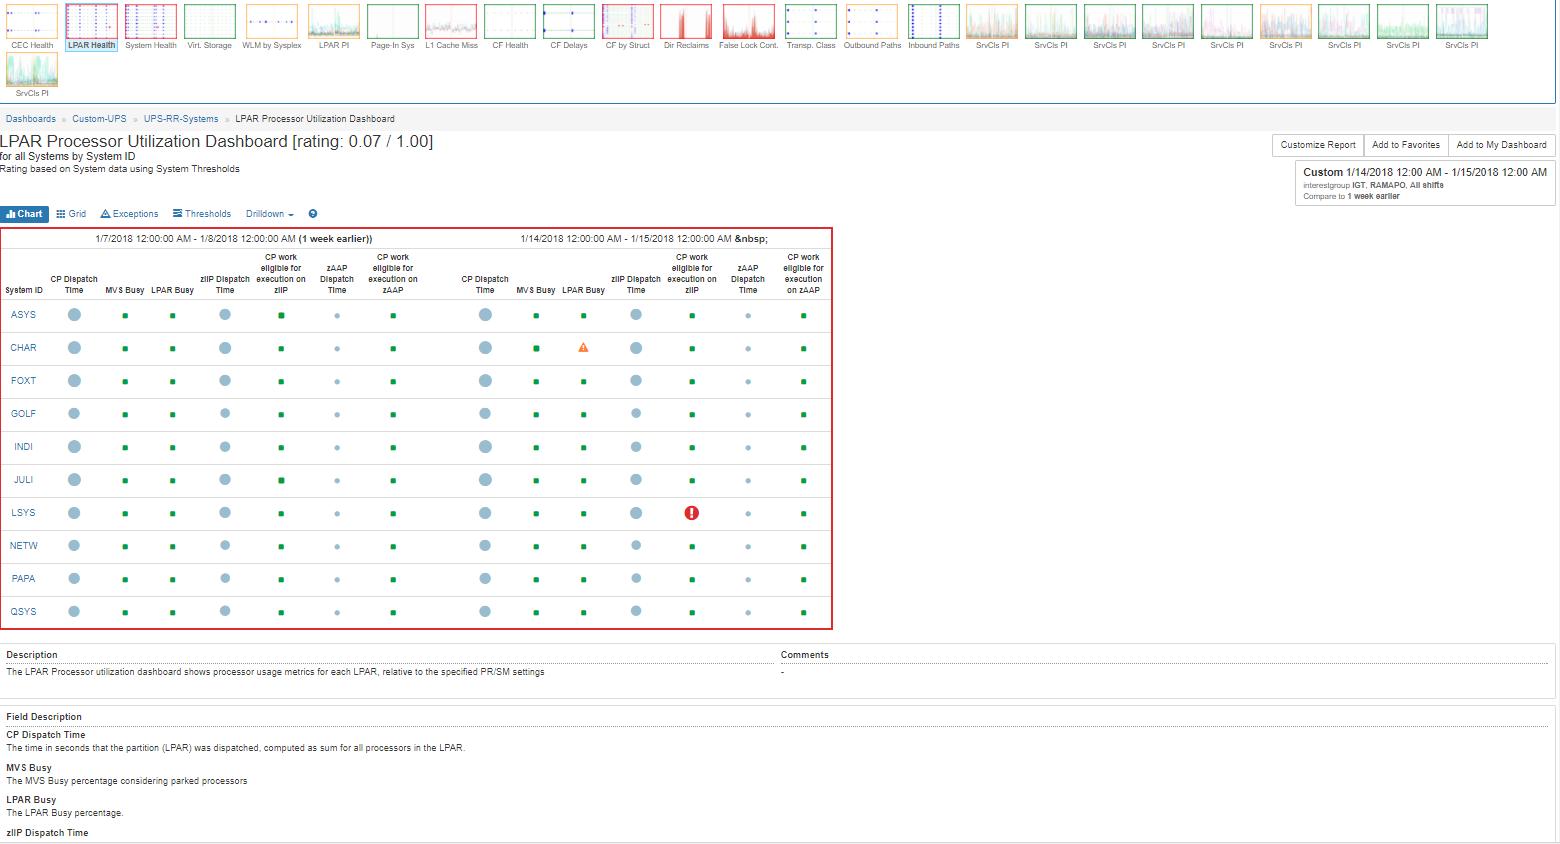 LPAR Processor Utilization Dashboard